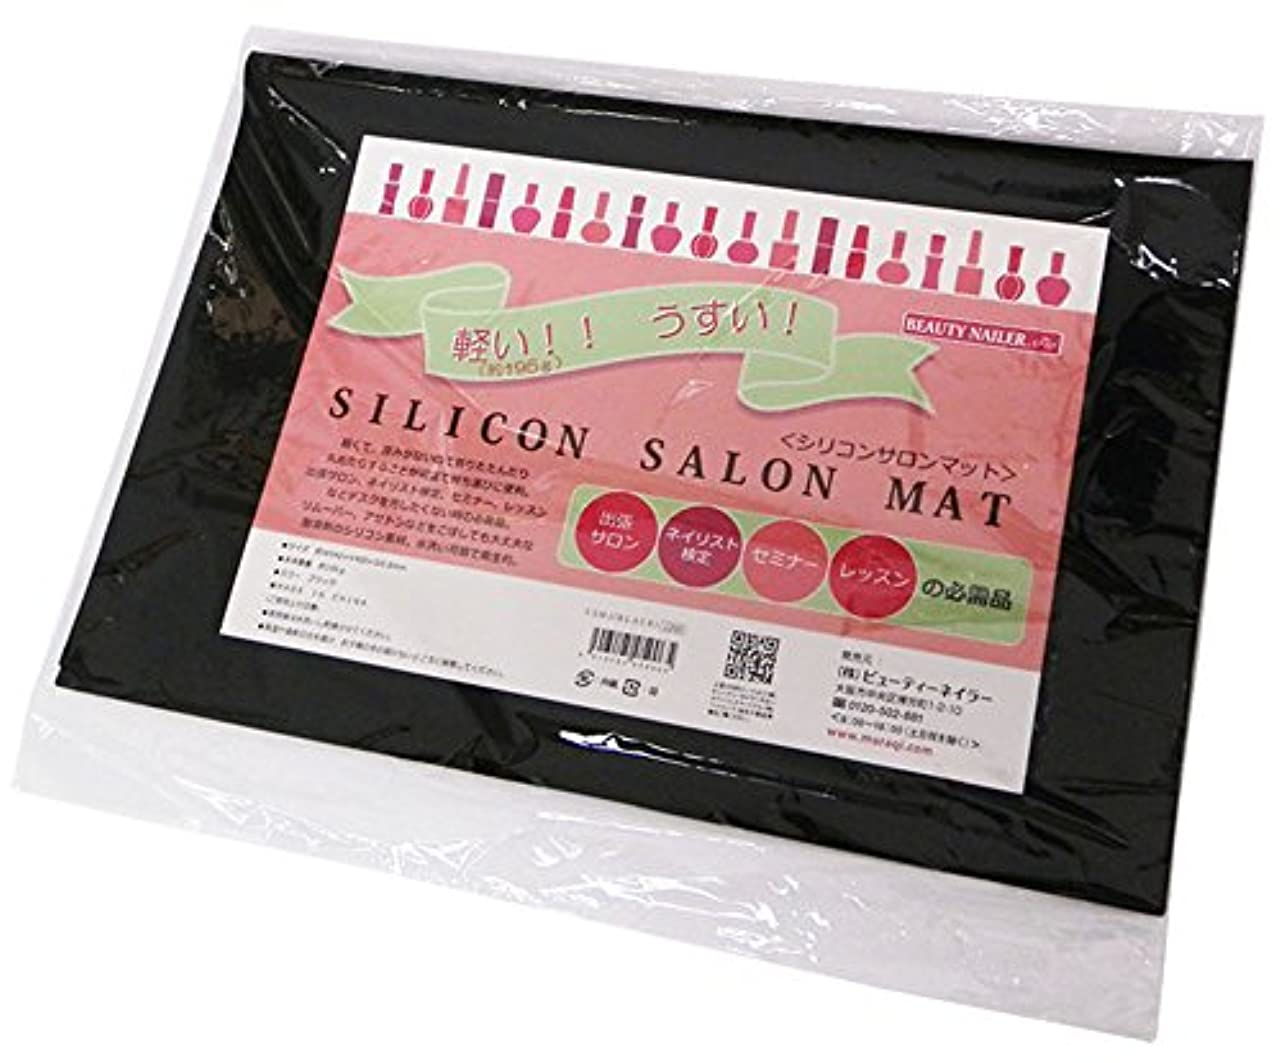 誇張する発火する代名詞ビューティーネイラー ネイルアートパーツ SILICONSALON MAT SSM-1 ブラック